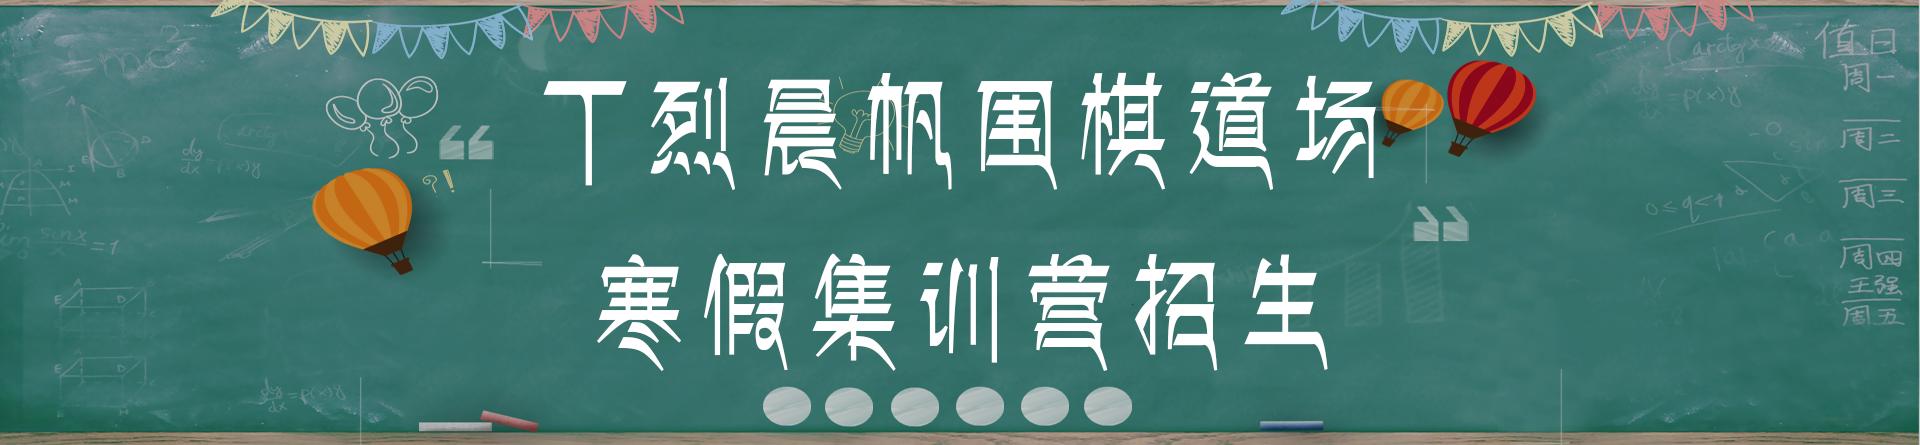 丁烈晨帆围棋道场第七届寒期集训营